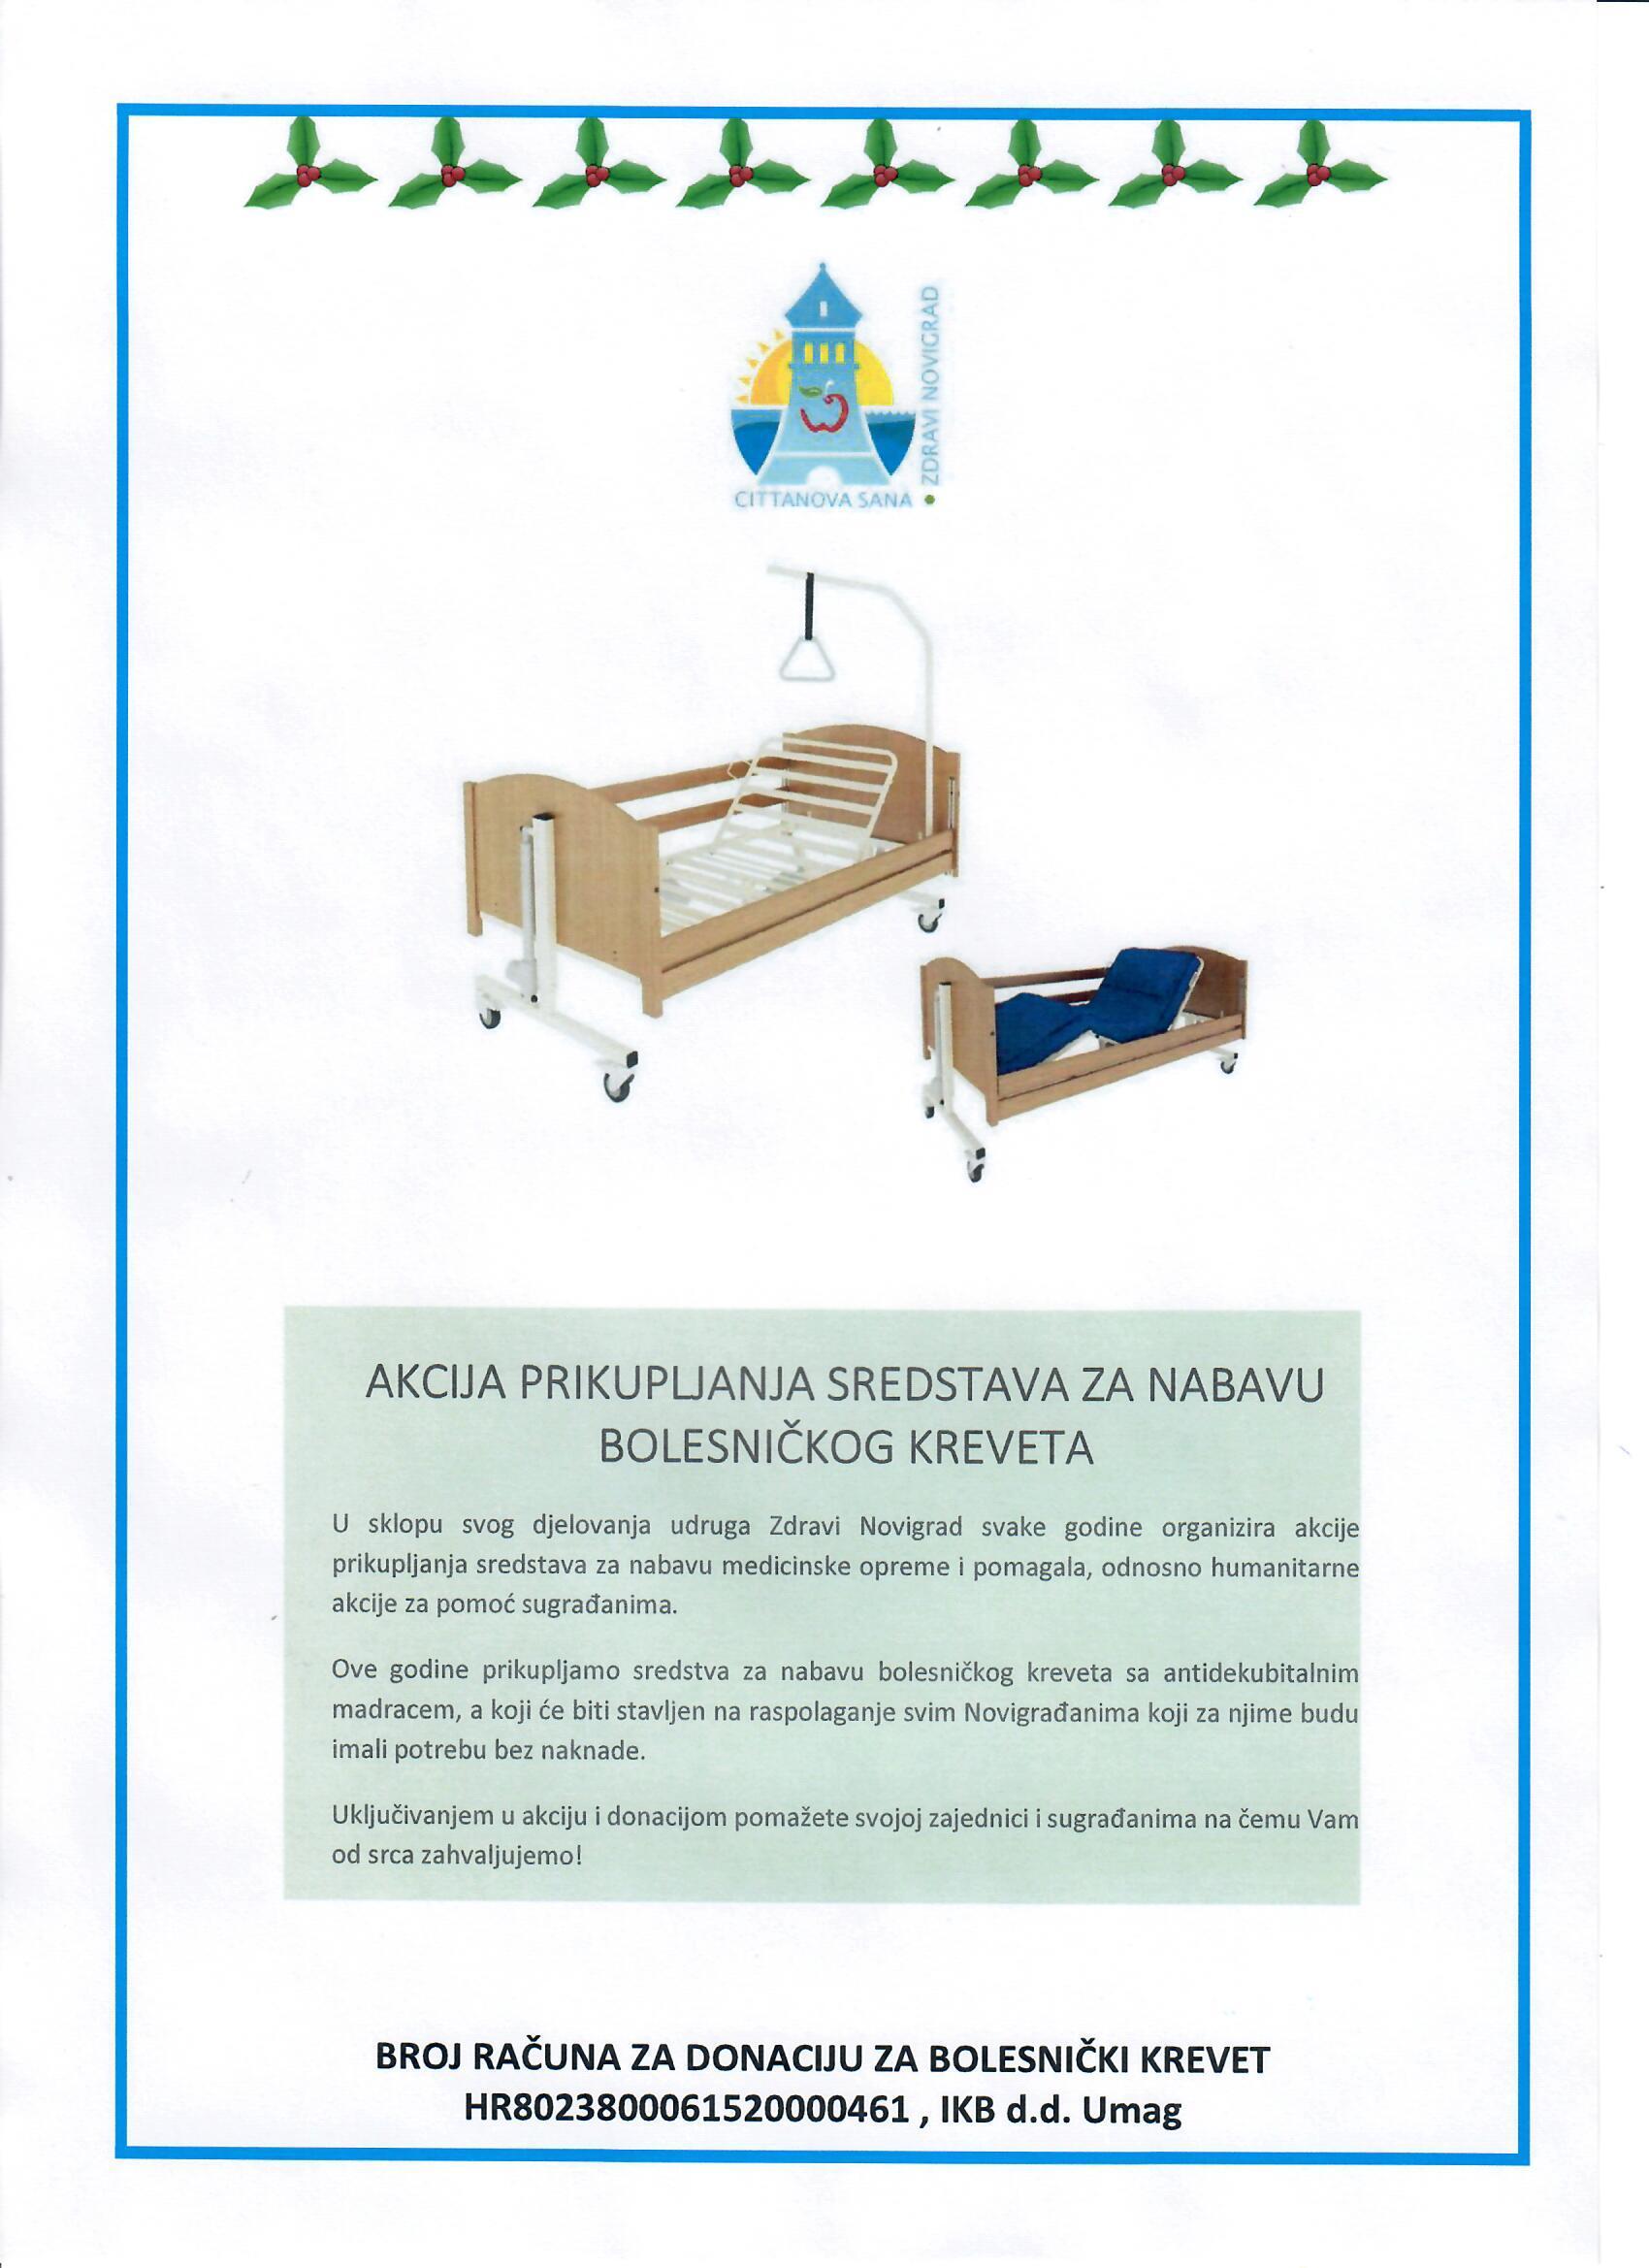 http://www.novigrad.hr/pridruzhite_se_akciji_zdravog_novigrada_za_prikupljanje_sredstava_za_nabavu